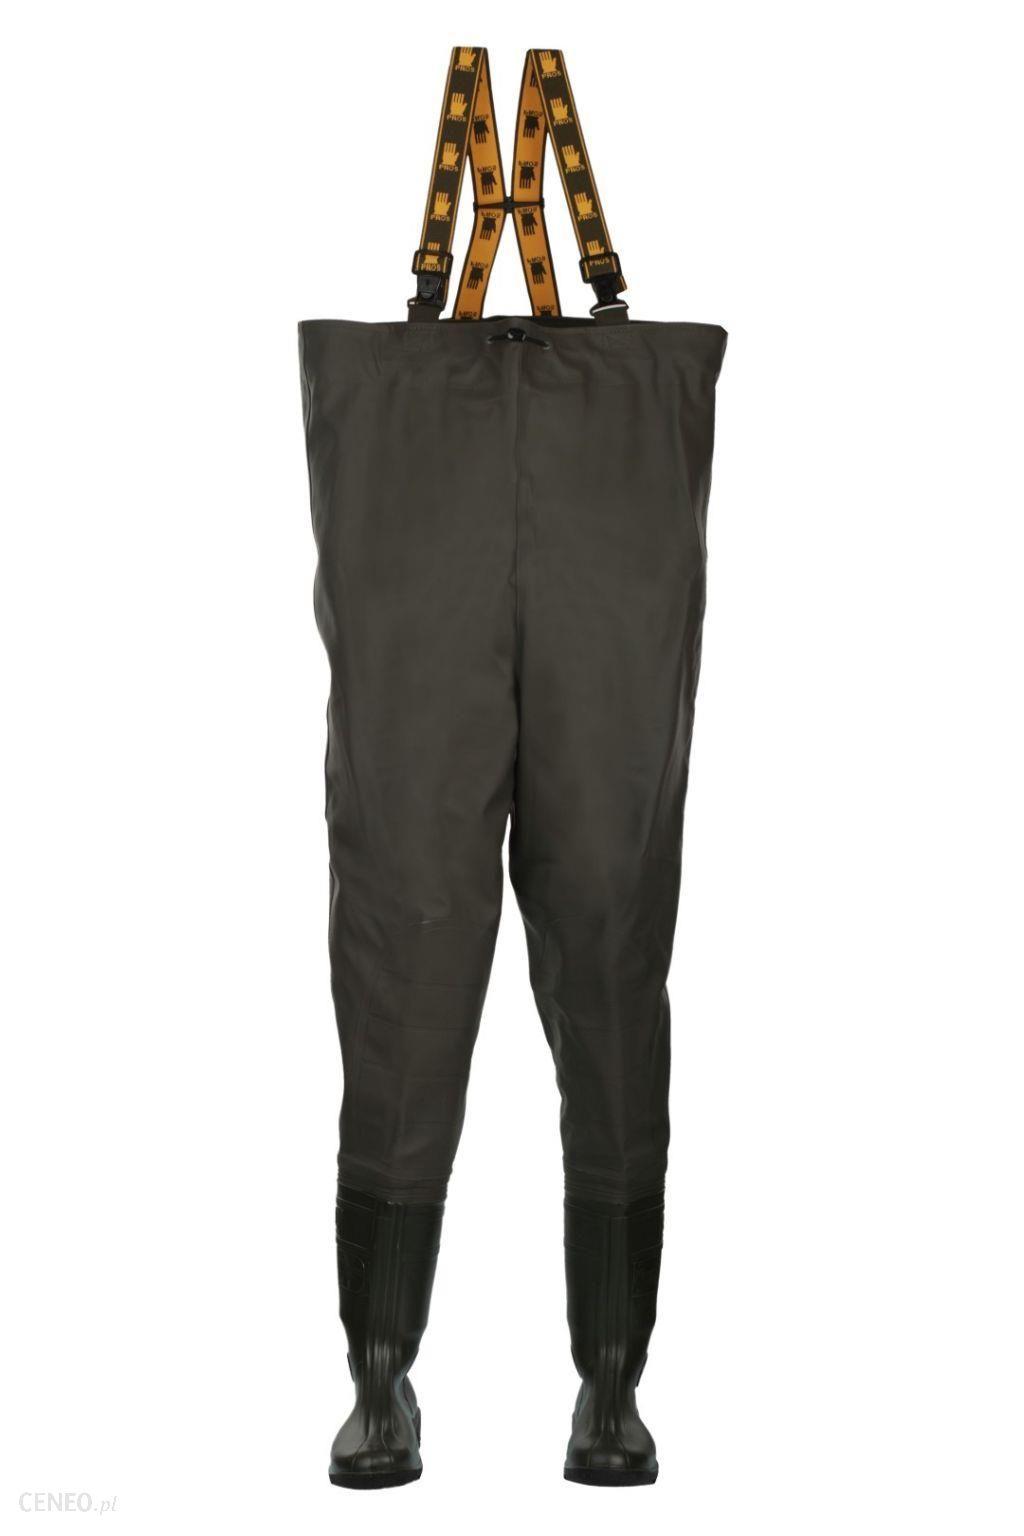 Spodniobuty Wodery dla Wędkarza na Ryby Pros r.46